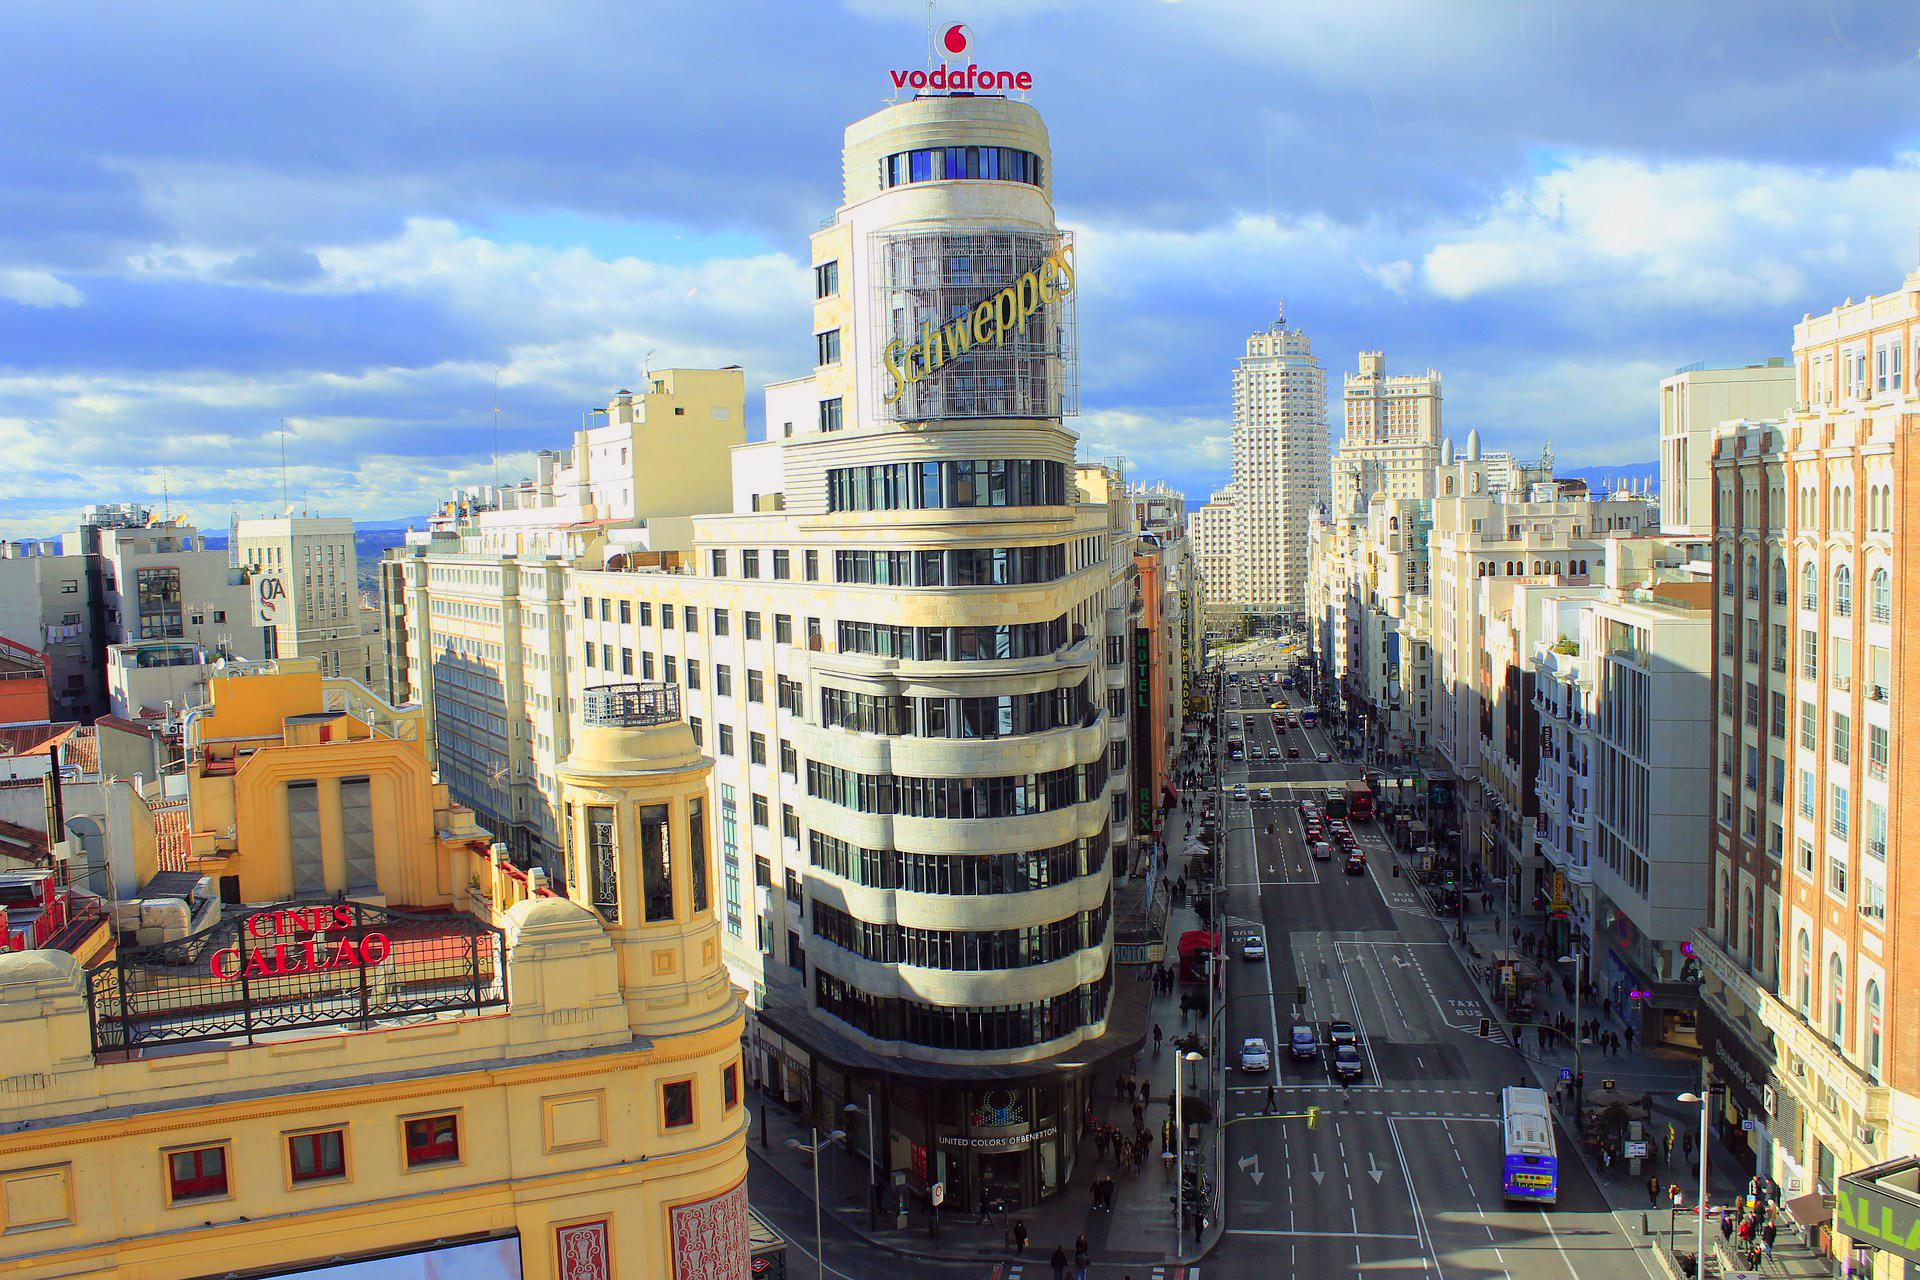 Qué hacer y ver en Madrid en un fin de semana madrid en un fin de semana - 34822841481 348ca9e400 o - Qué hacer y ver en Madrid en un fin de semana